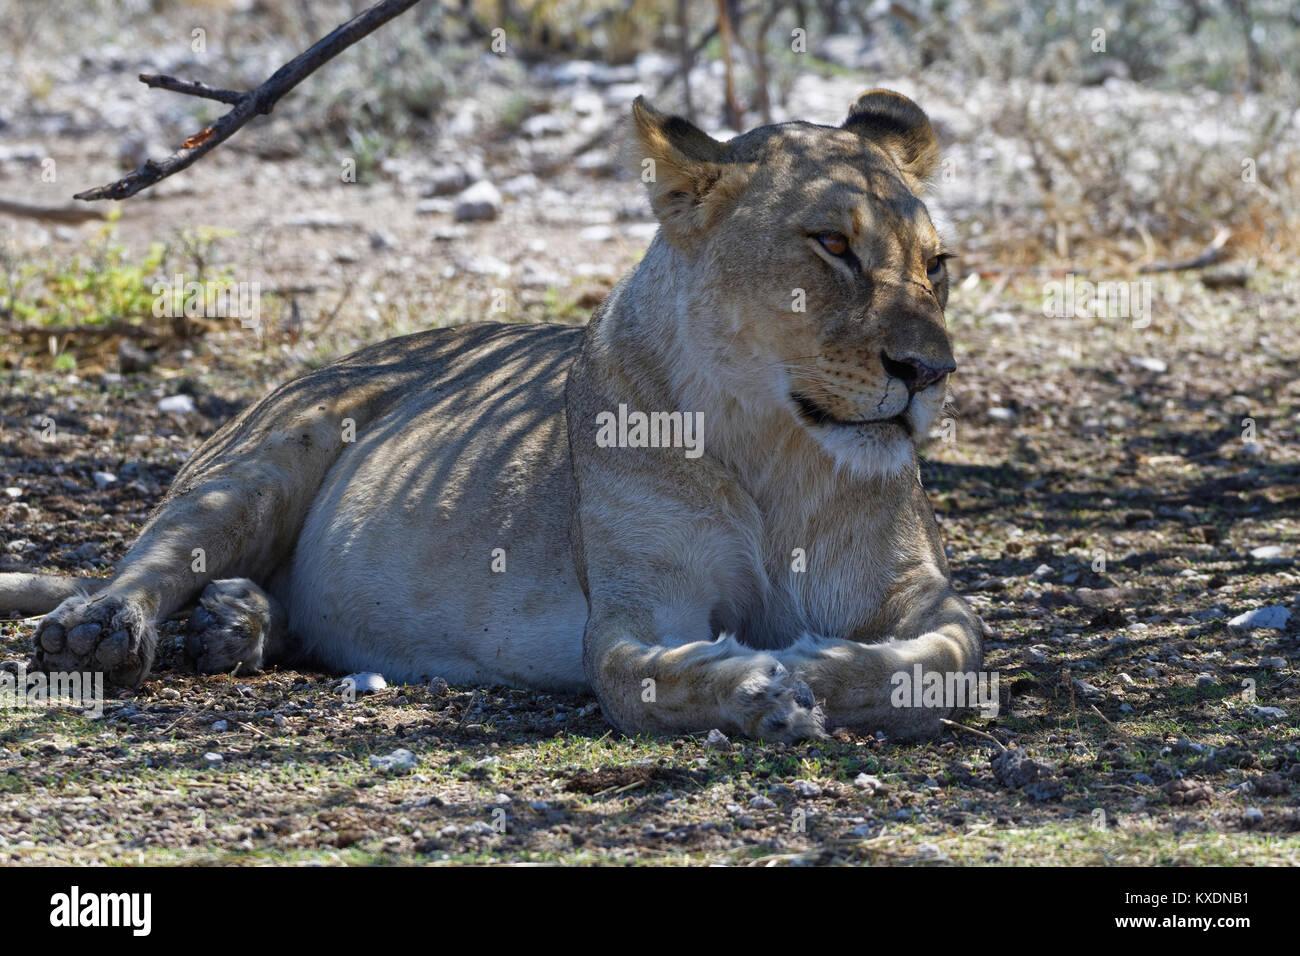 Leone africano (Panthera leo), leonessa giacente all'ombra di un albero, avviso, il Parco Nazionale di Etosha, Immagini Stock